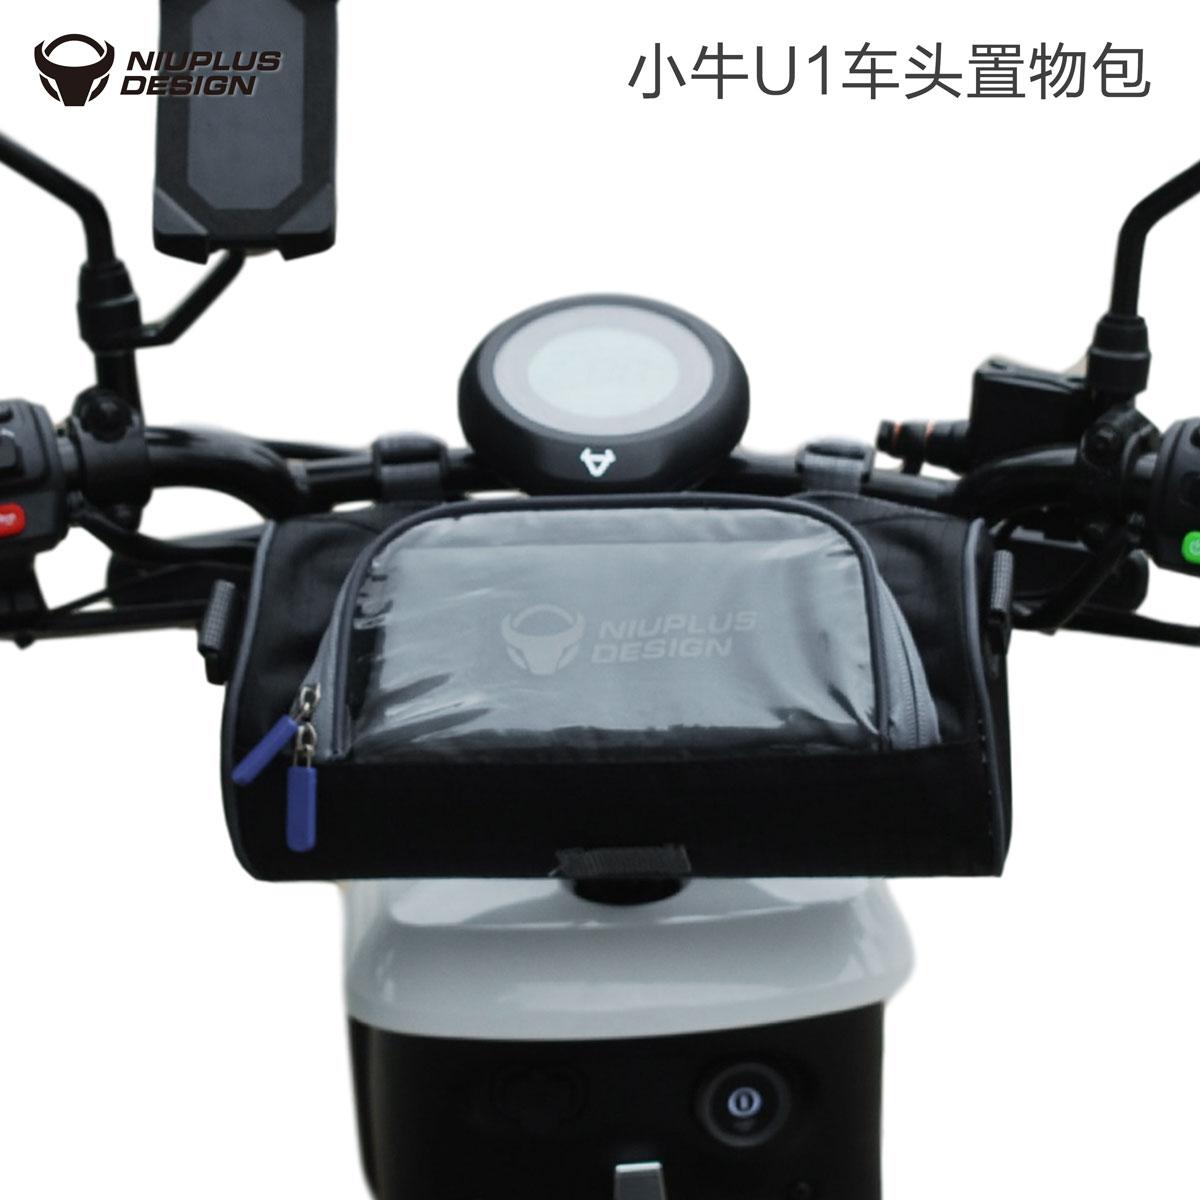 Другое оборудование для электромобиля 360 U003 U1